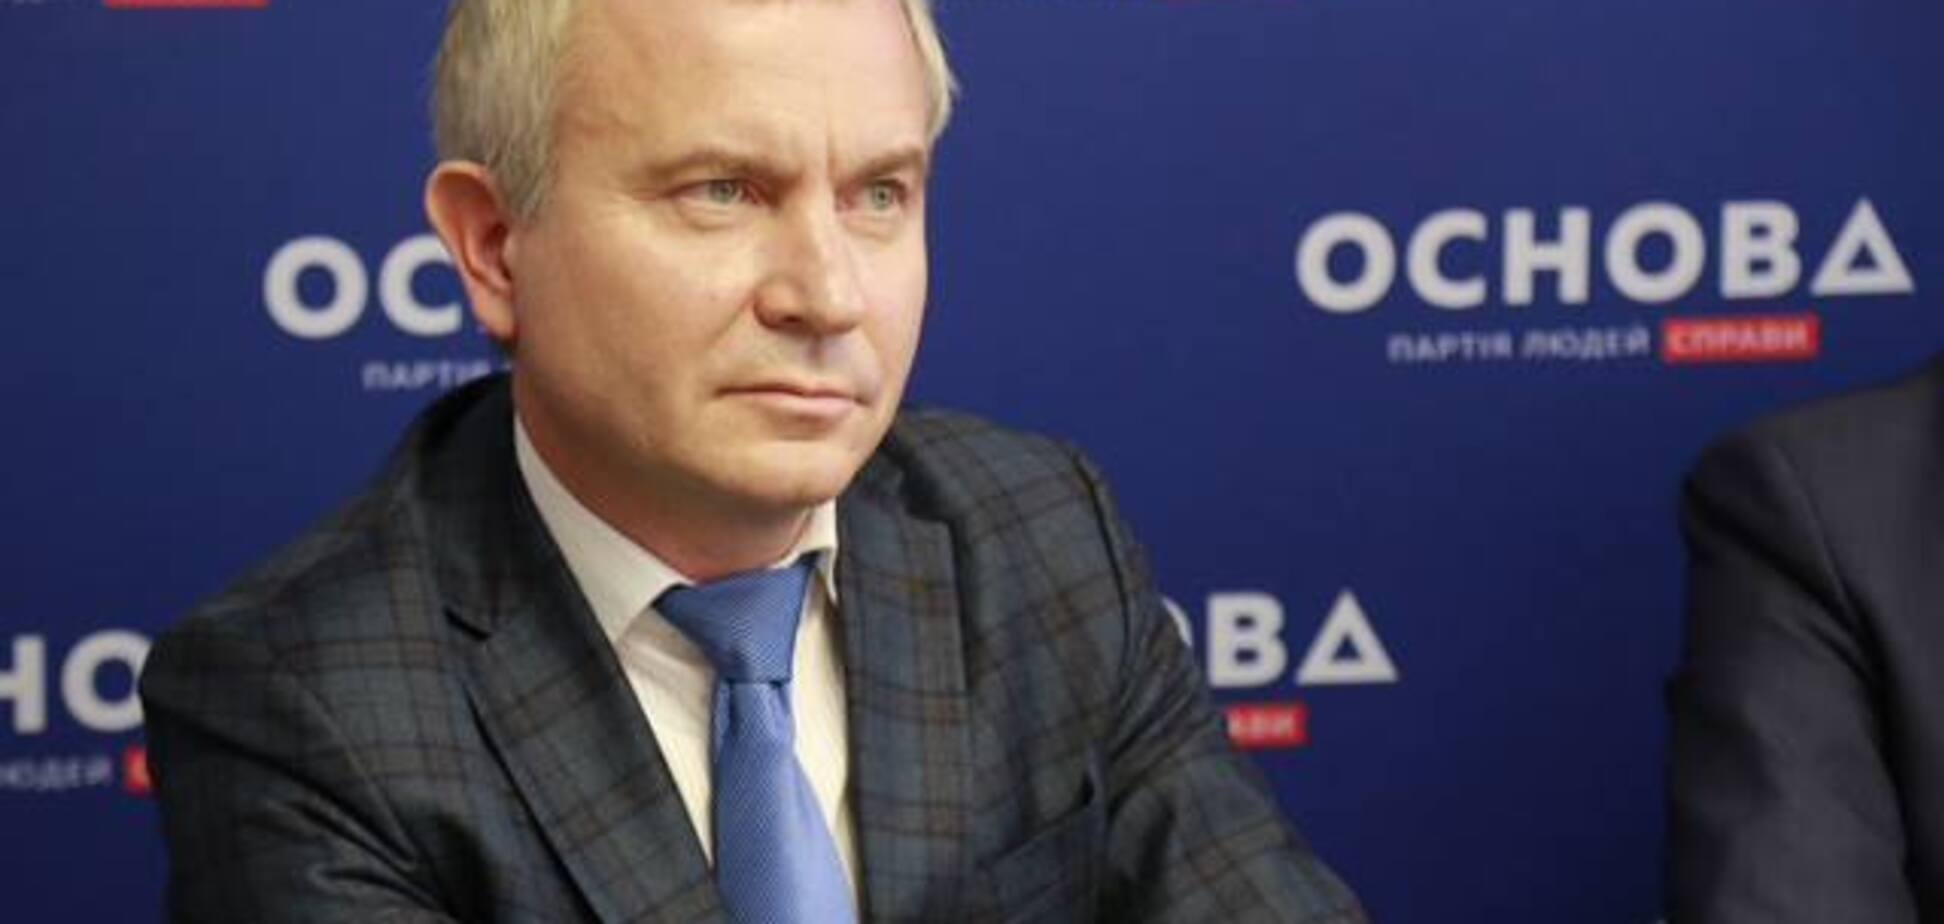 Олег Кузьменко: 'Кредиты для бизнеса и на жильё для запорожцев должны быть доступными и недорогими'